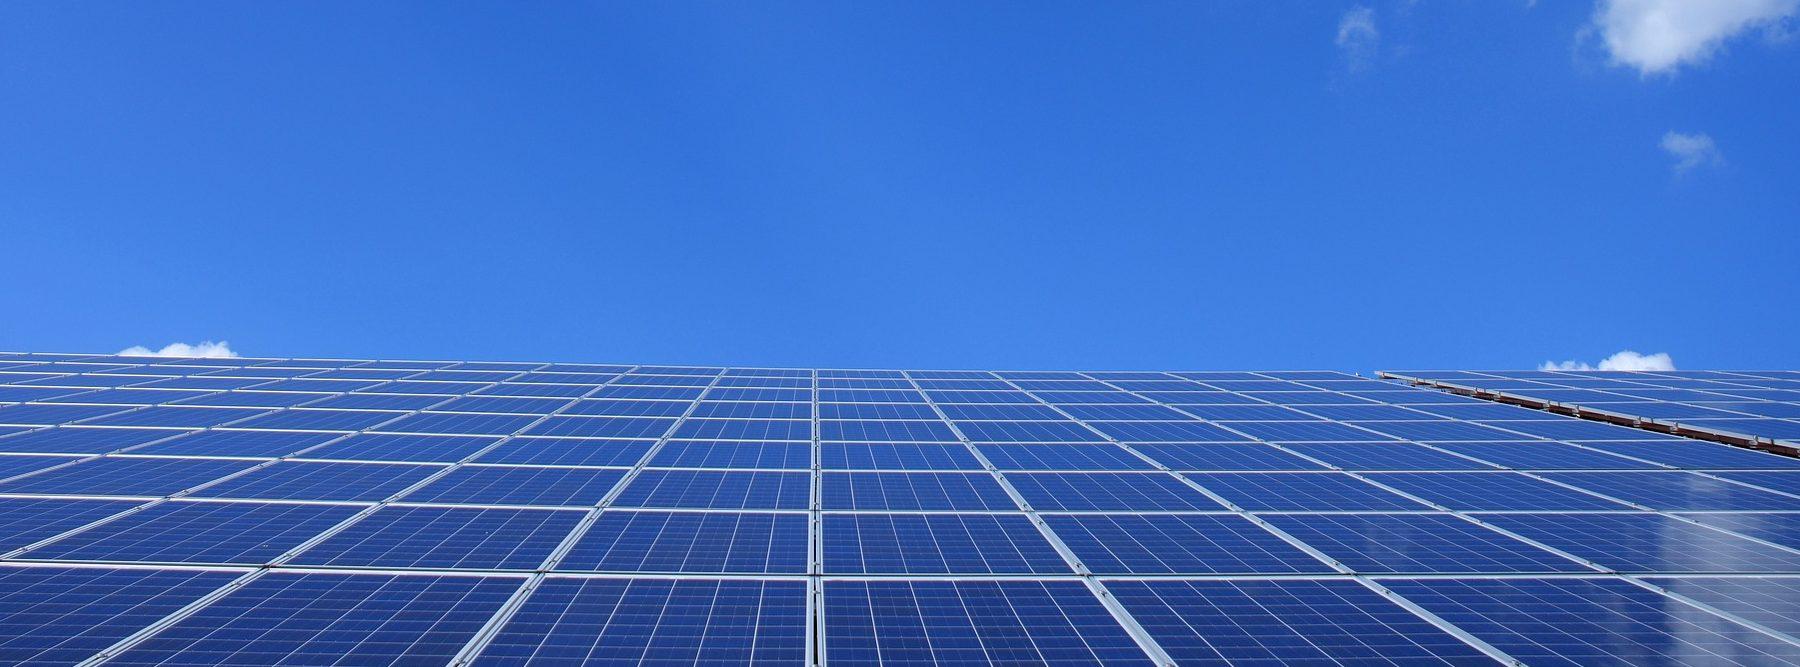 Paneles solares hipereficientes gracias a la geometría